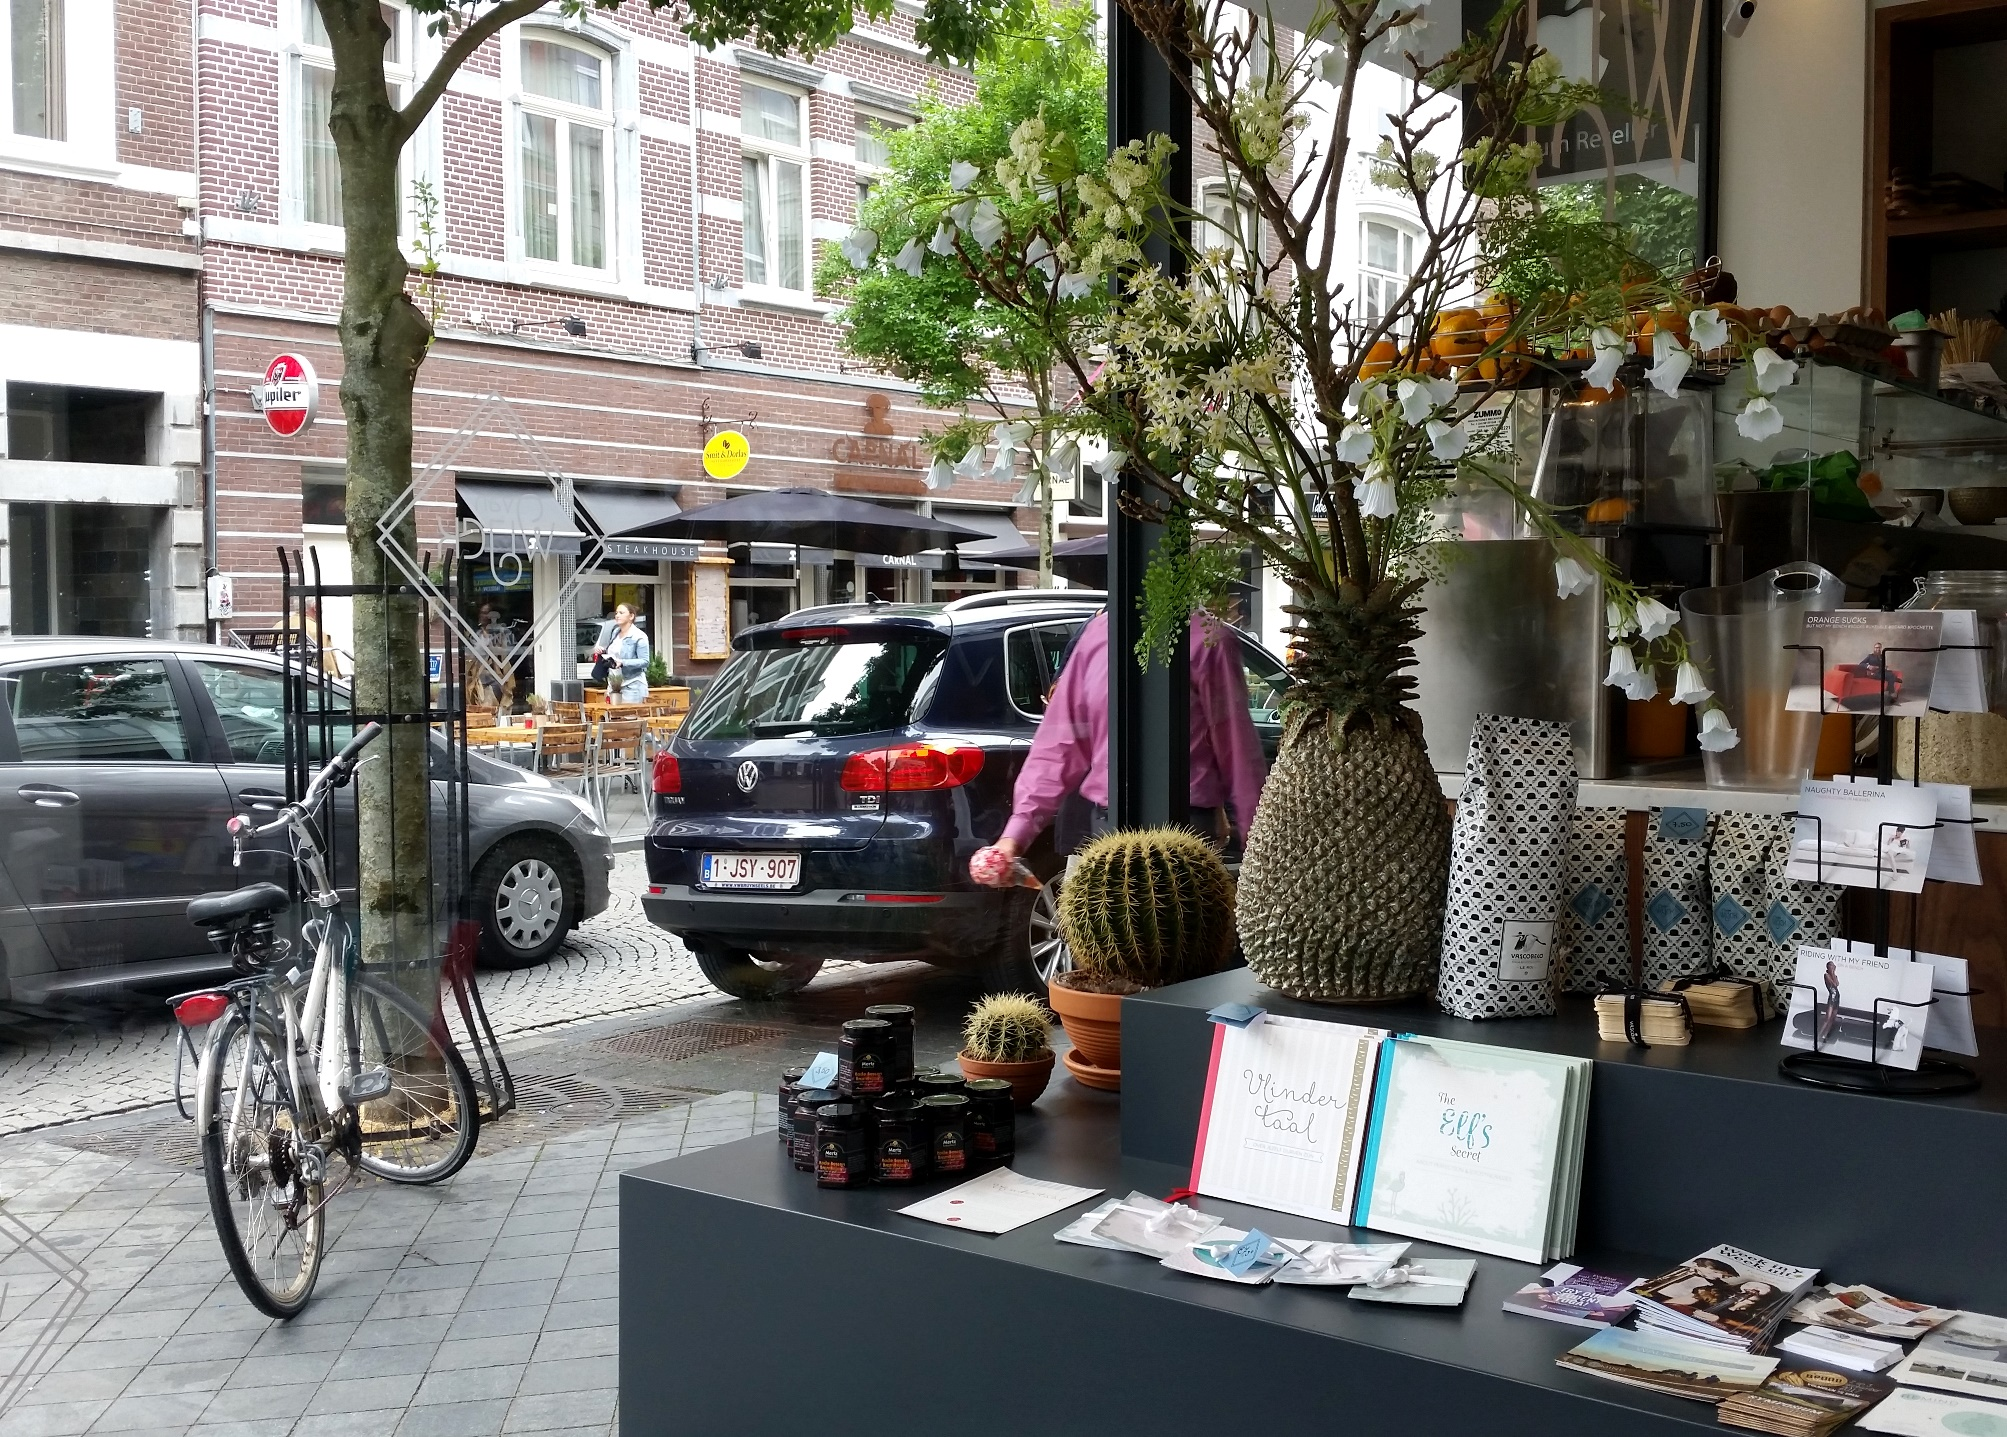 Van Wyck in Maastricht